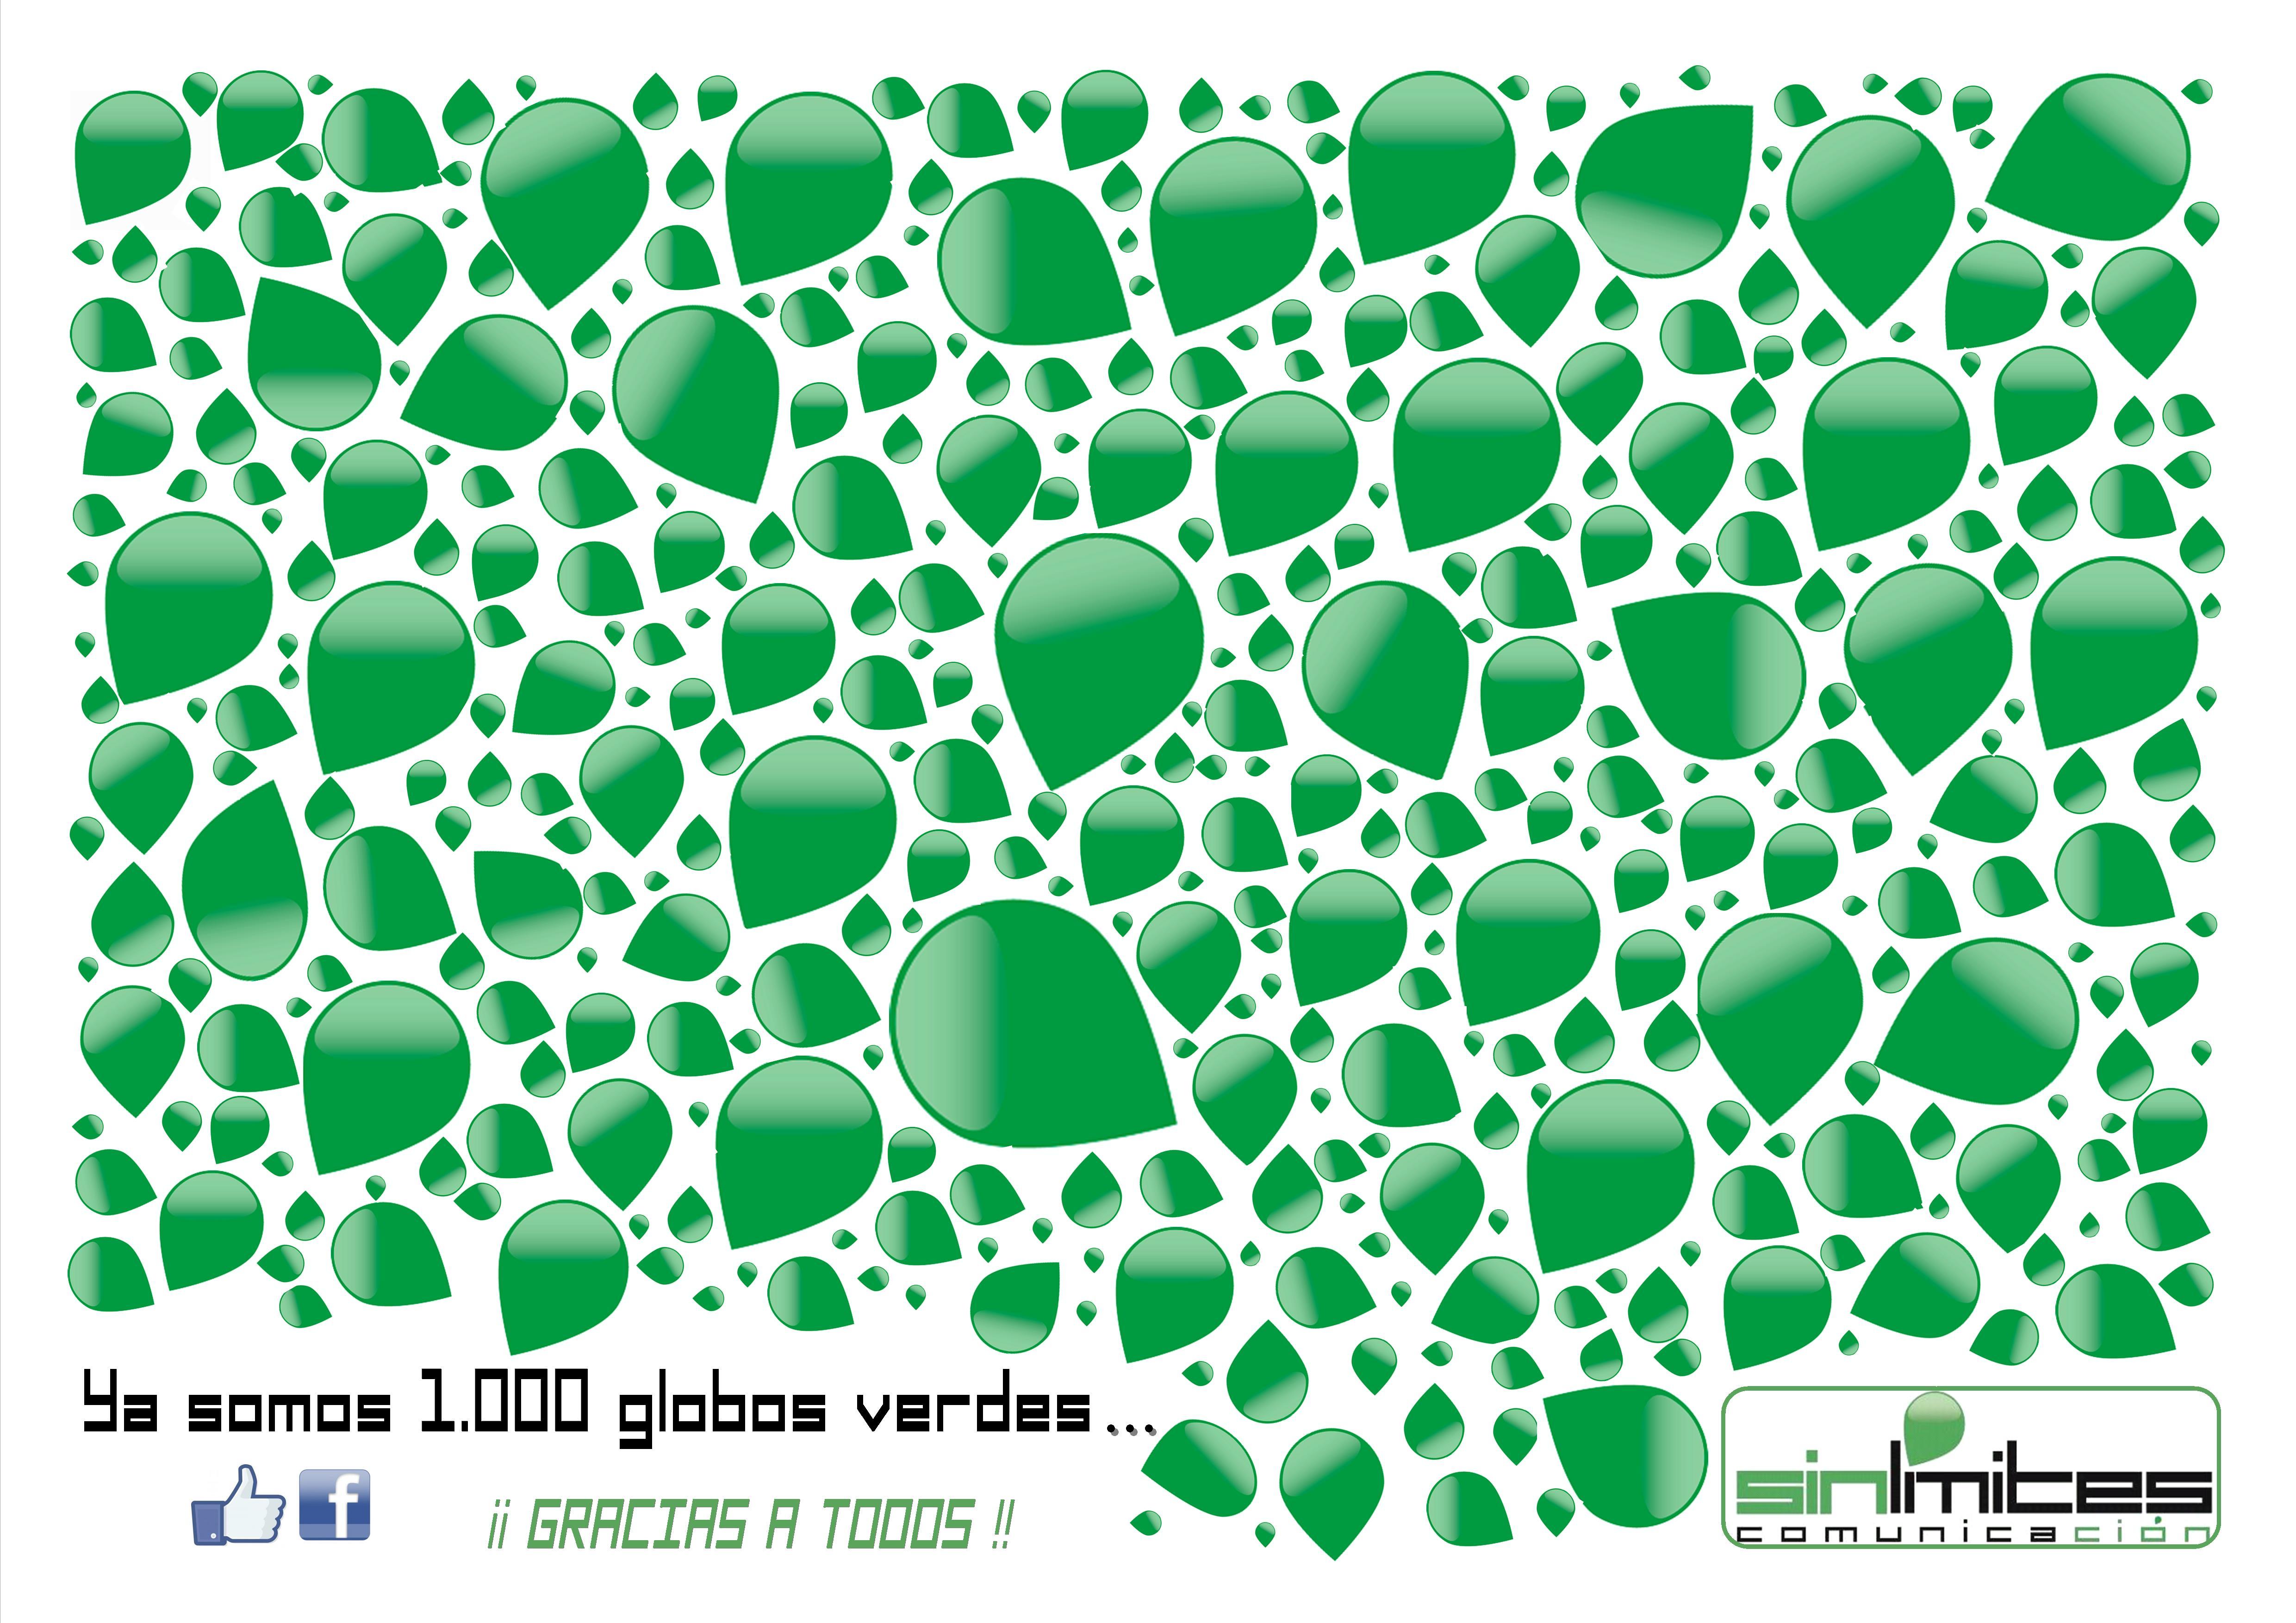 1000 globos verdes. Sinlímites Comunicación